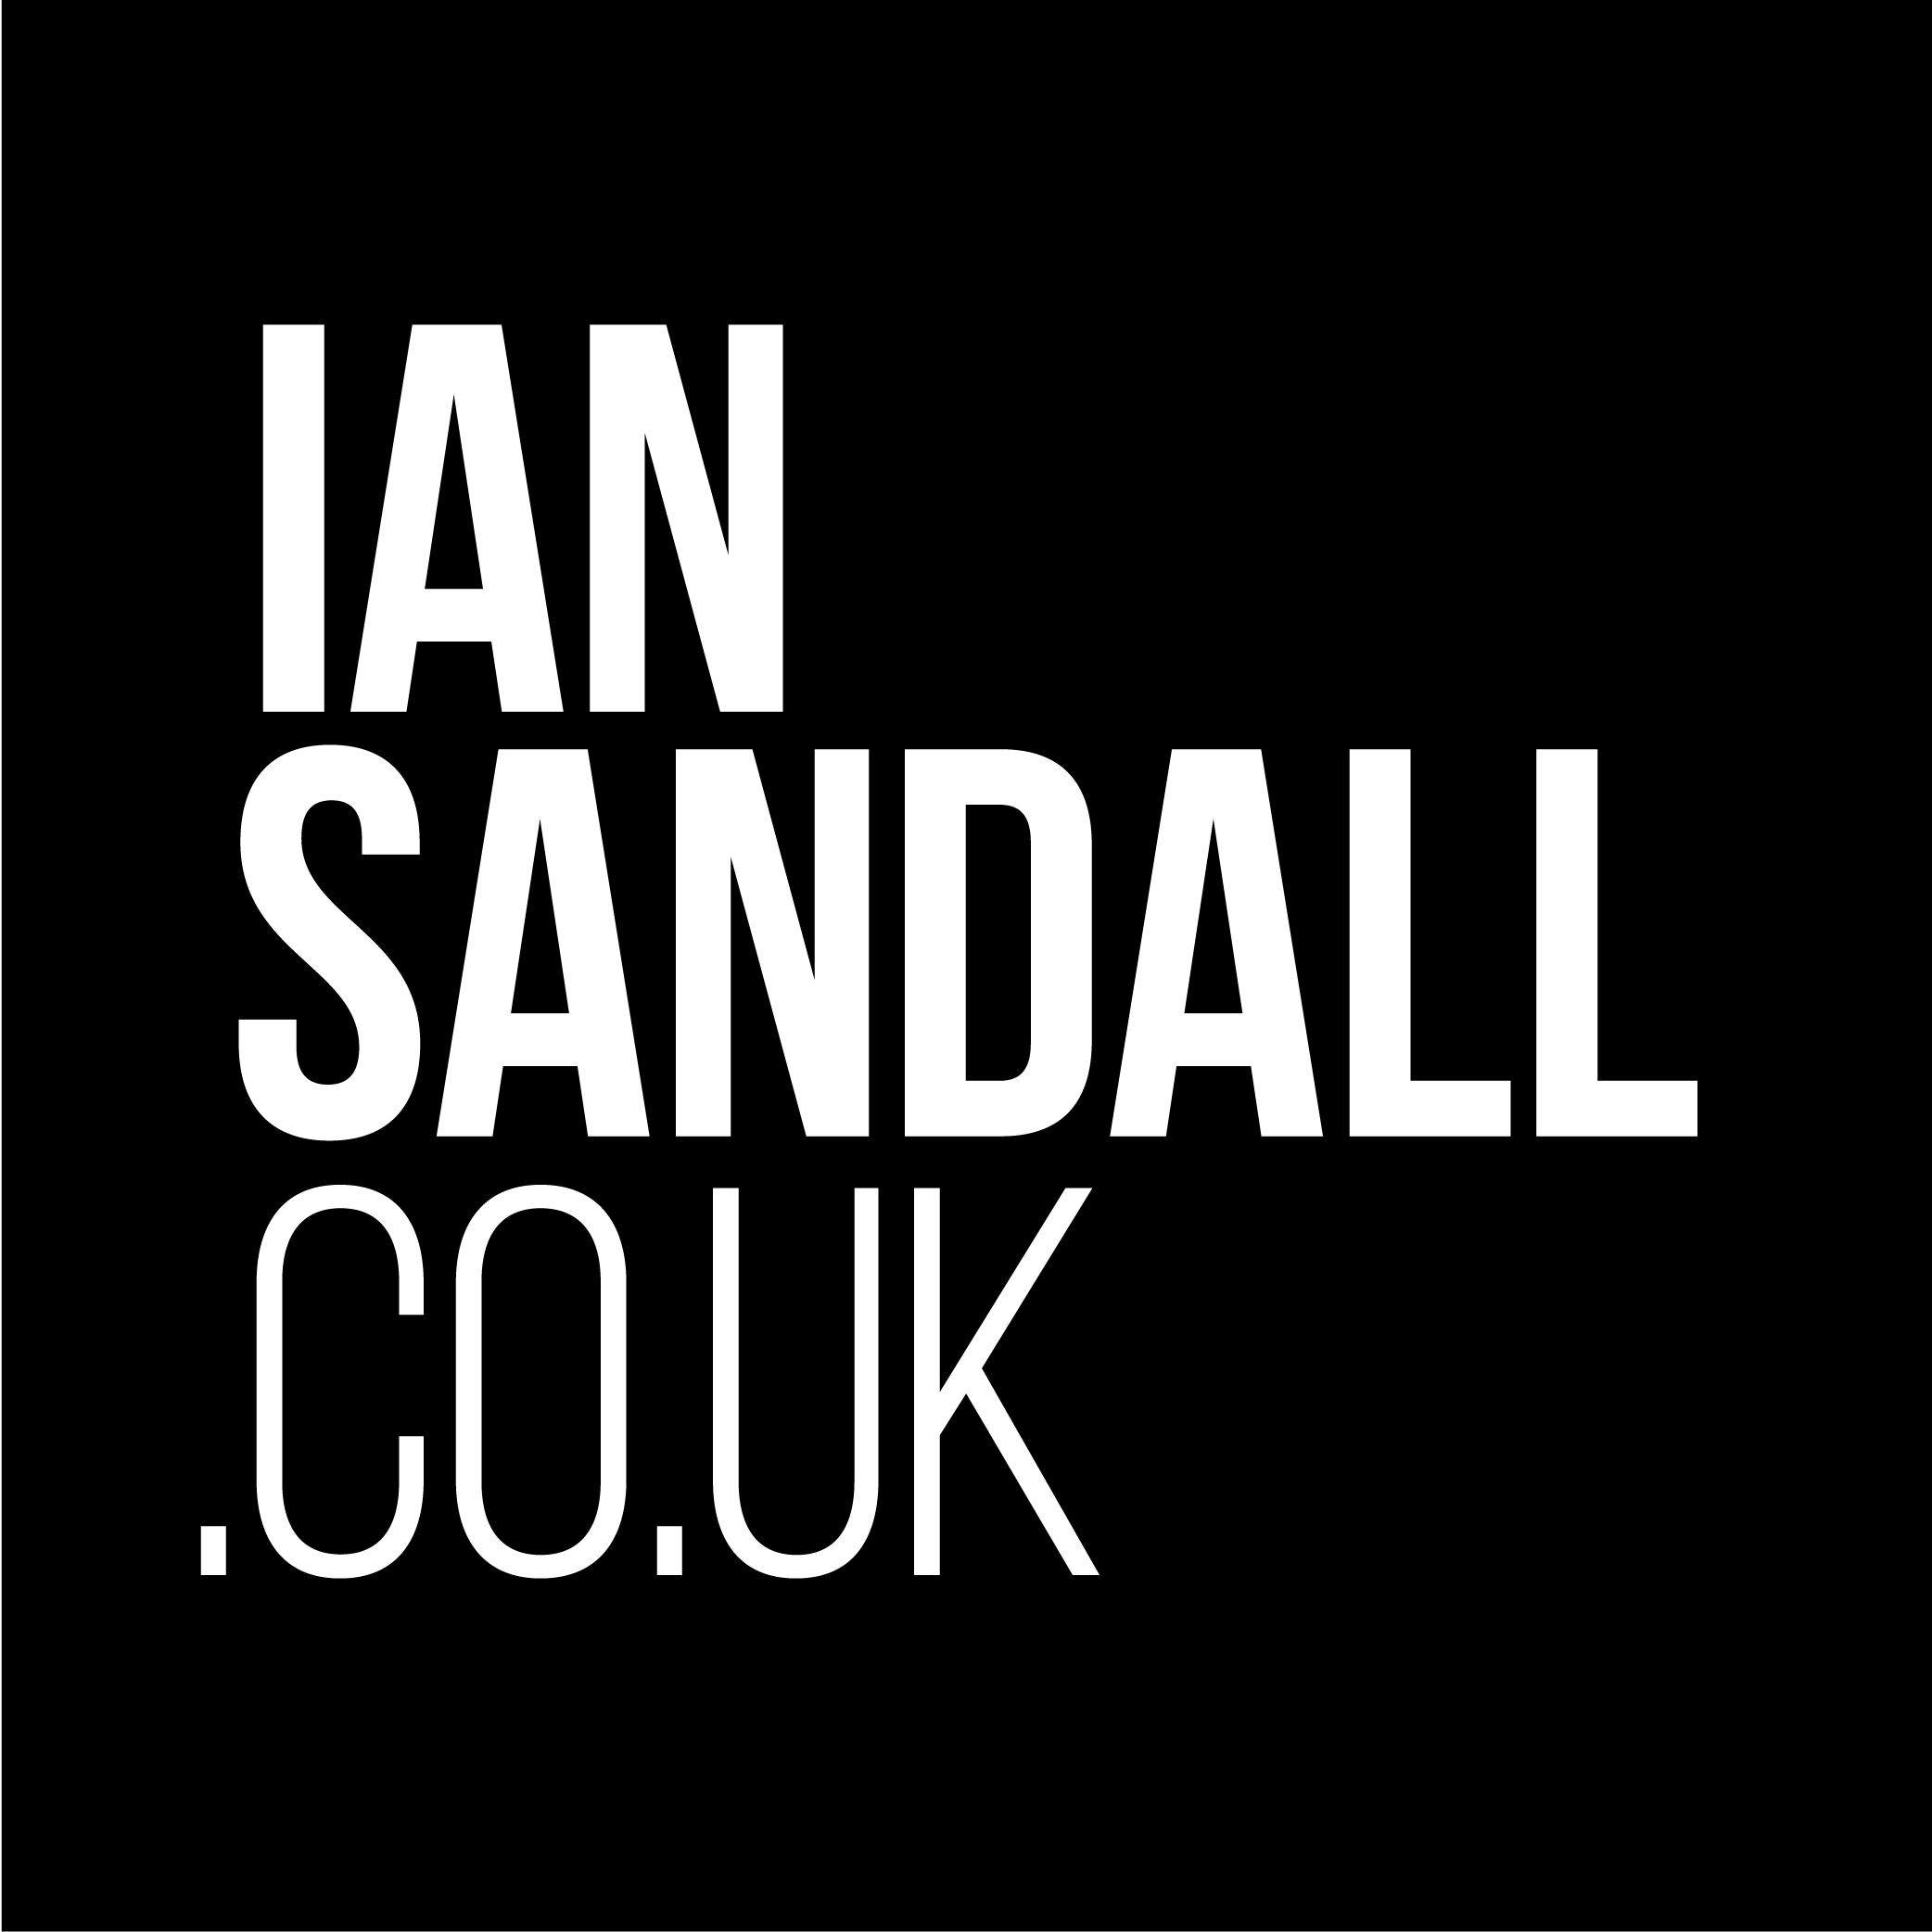 iansandall.co.uk